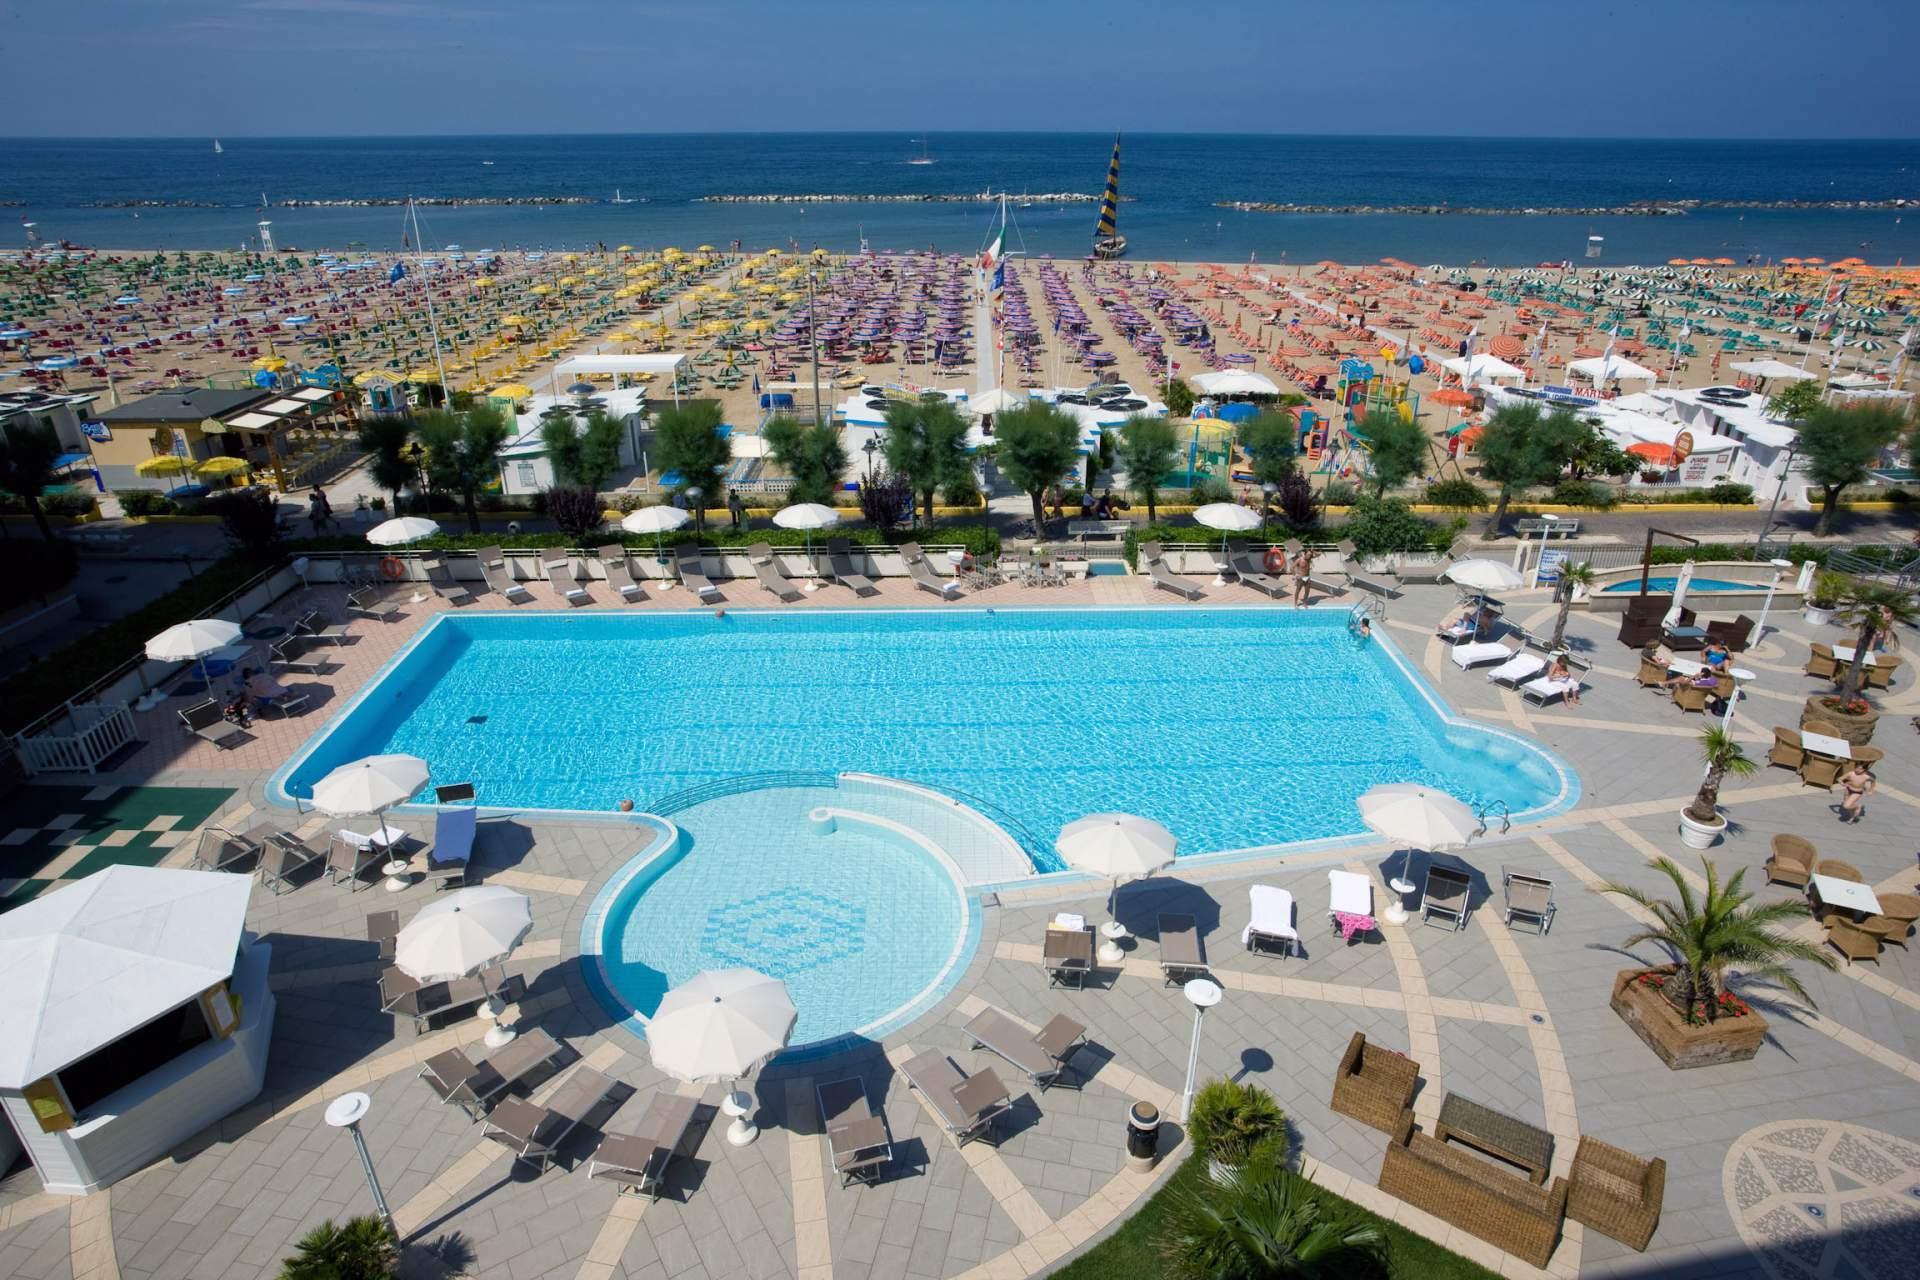 Cattolica - Hotel Miramare